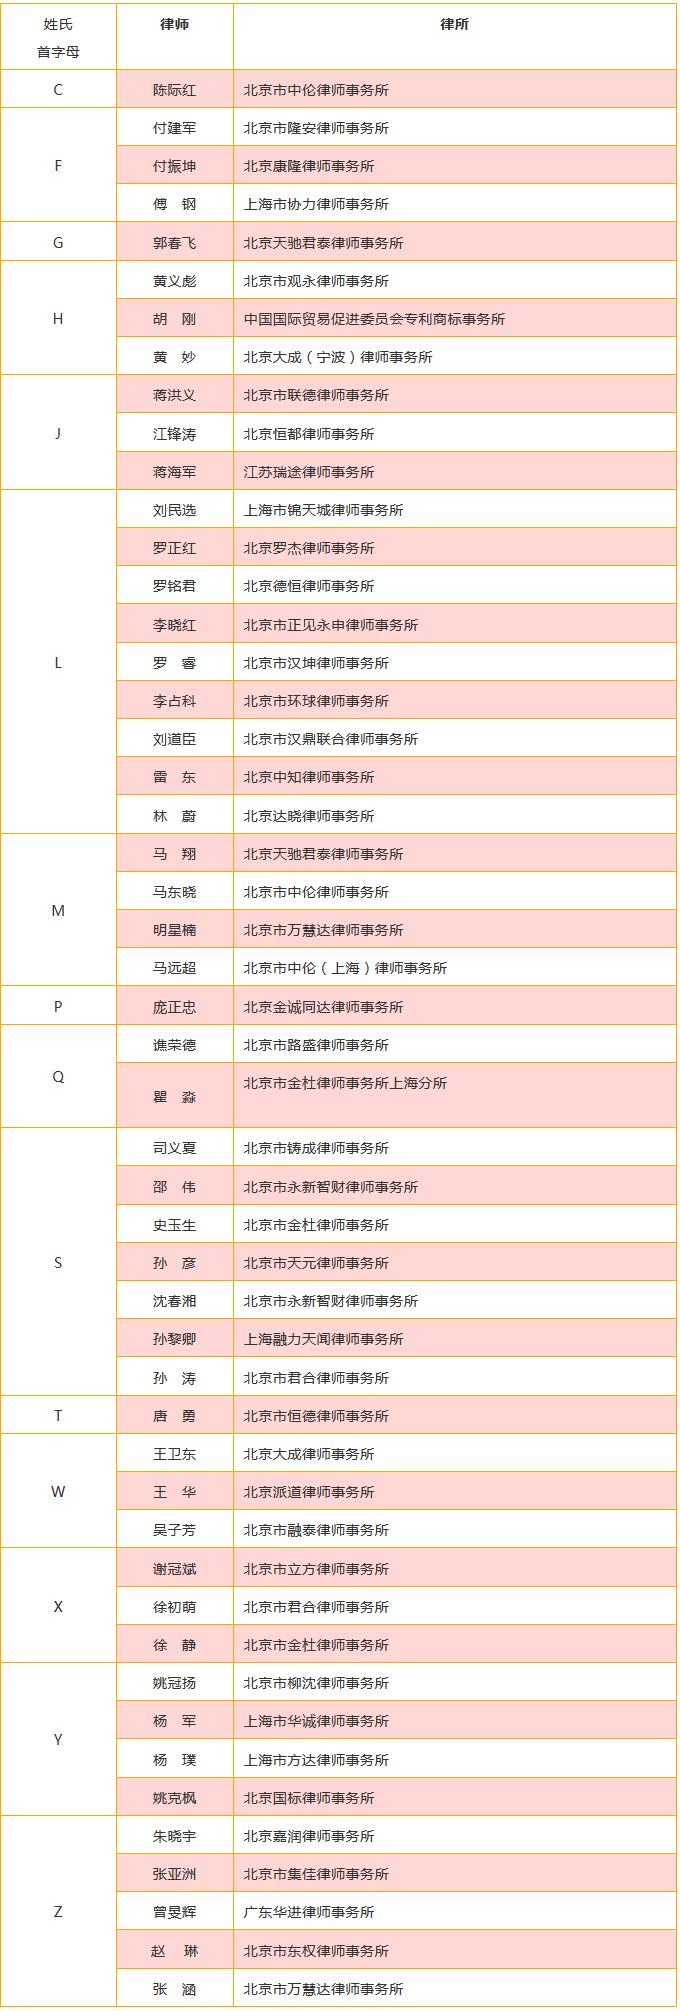 重磅发布!中国优秀知识产权律师榜TOP50揭晓